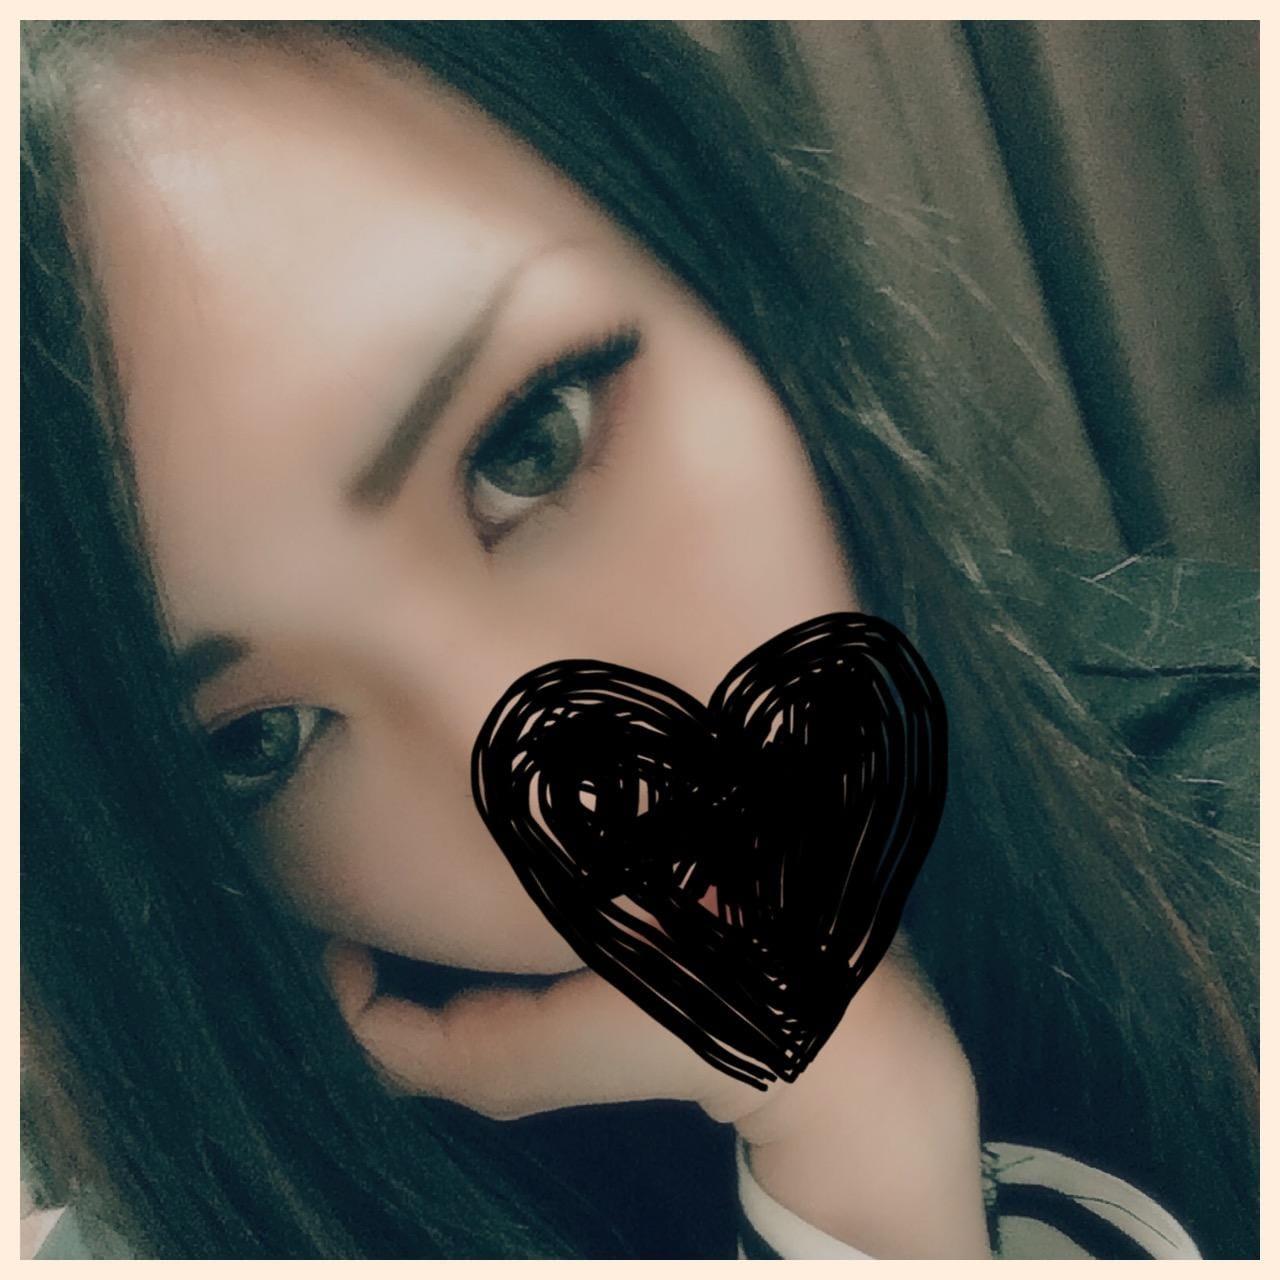 「おーわりっ」02/18日(月) 05:29   なおの写メ・風俗動画